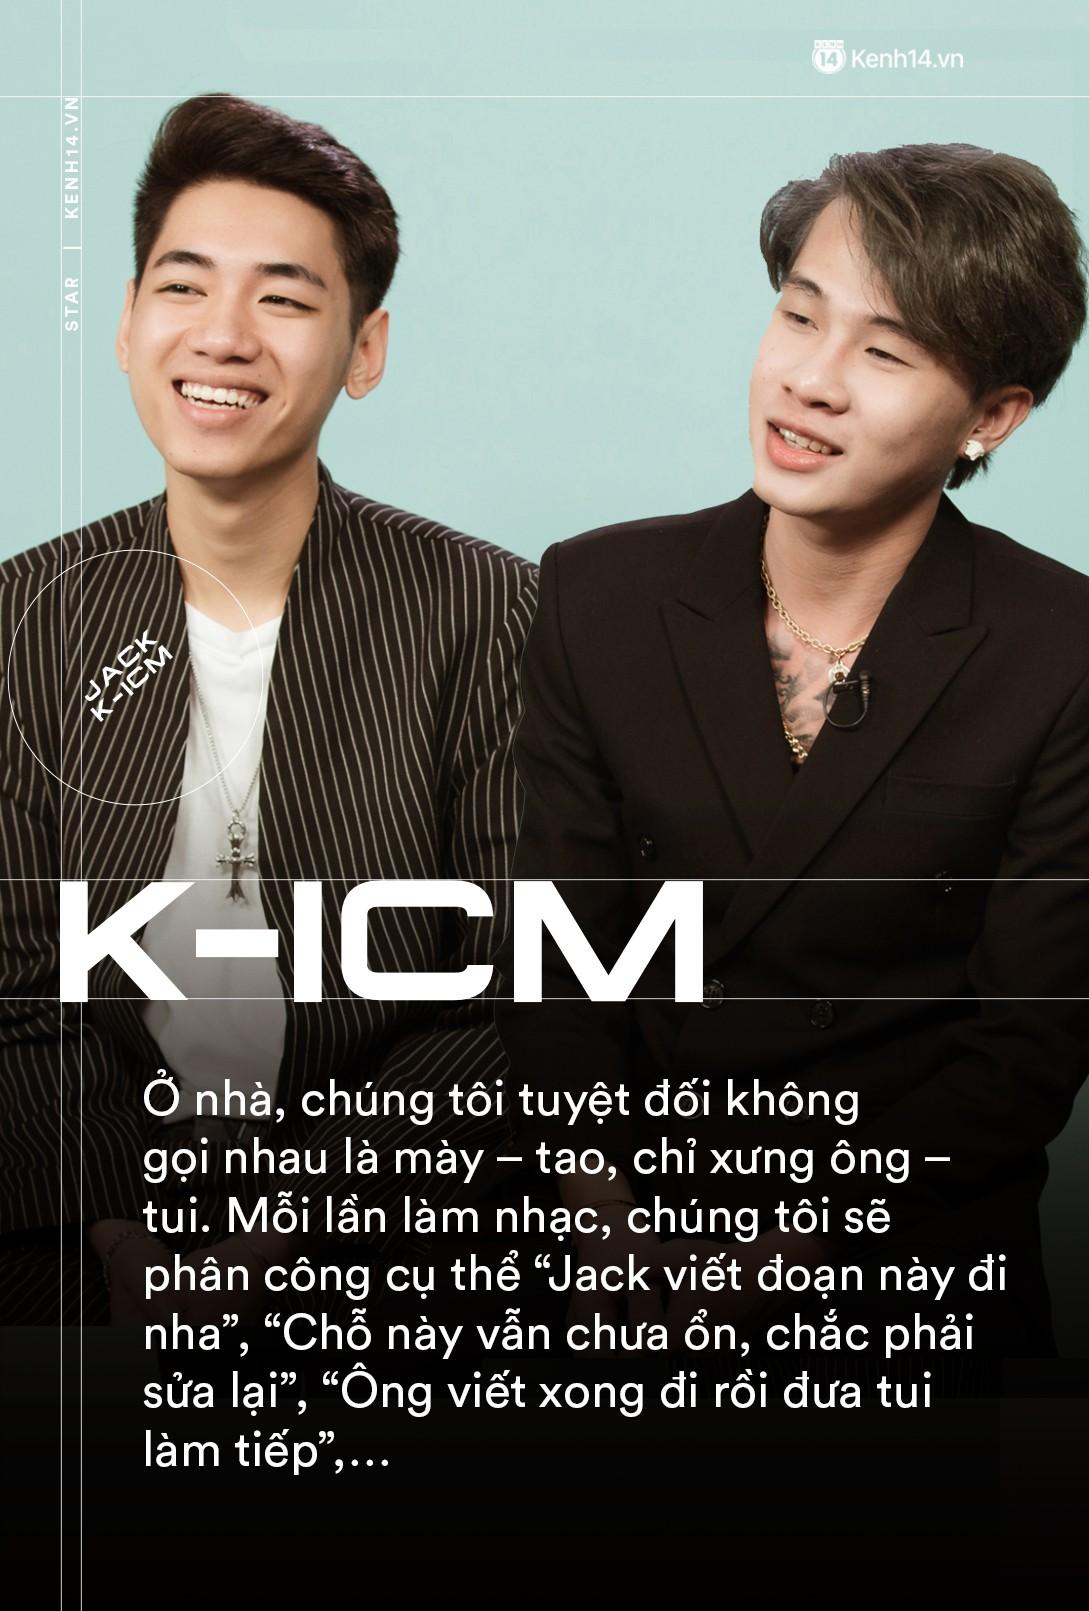 Jack và K-ICM: Chúng tôi và Sơn Tùng M-TP không việc gì phải giẫm đạp lên nhau mà đi - Ảnh 9.